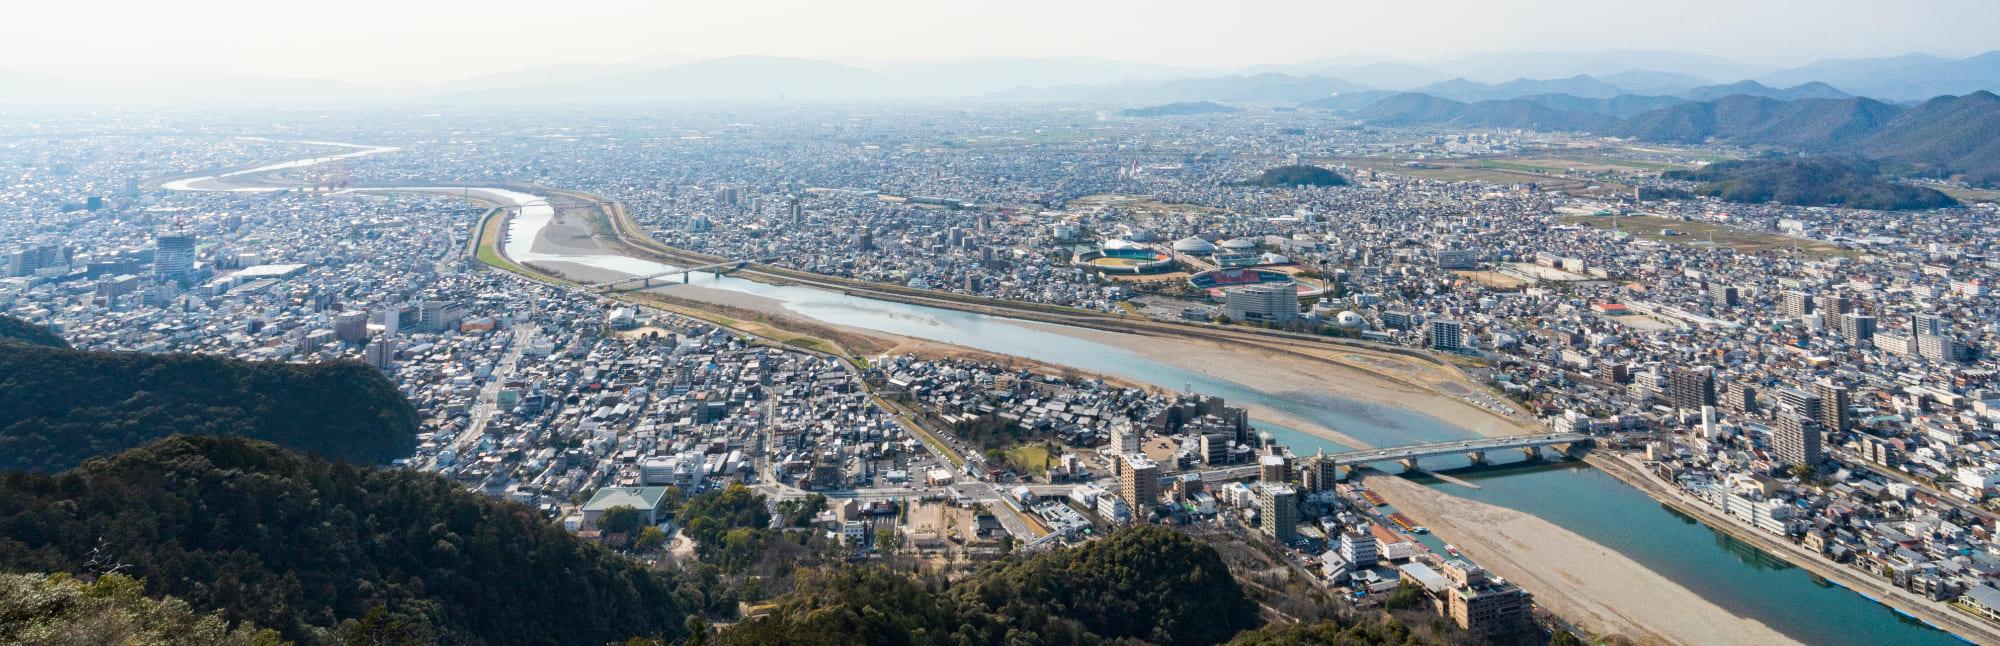 長良川写真,岐阜,nagara river